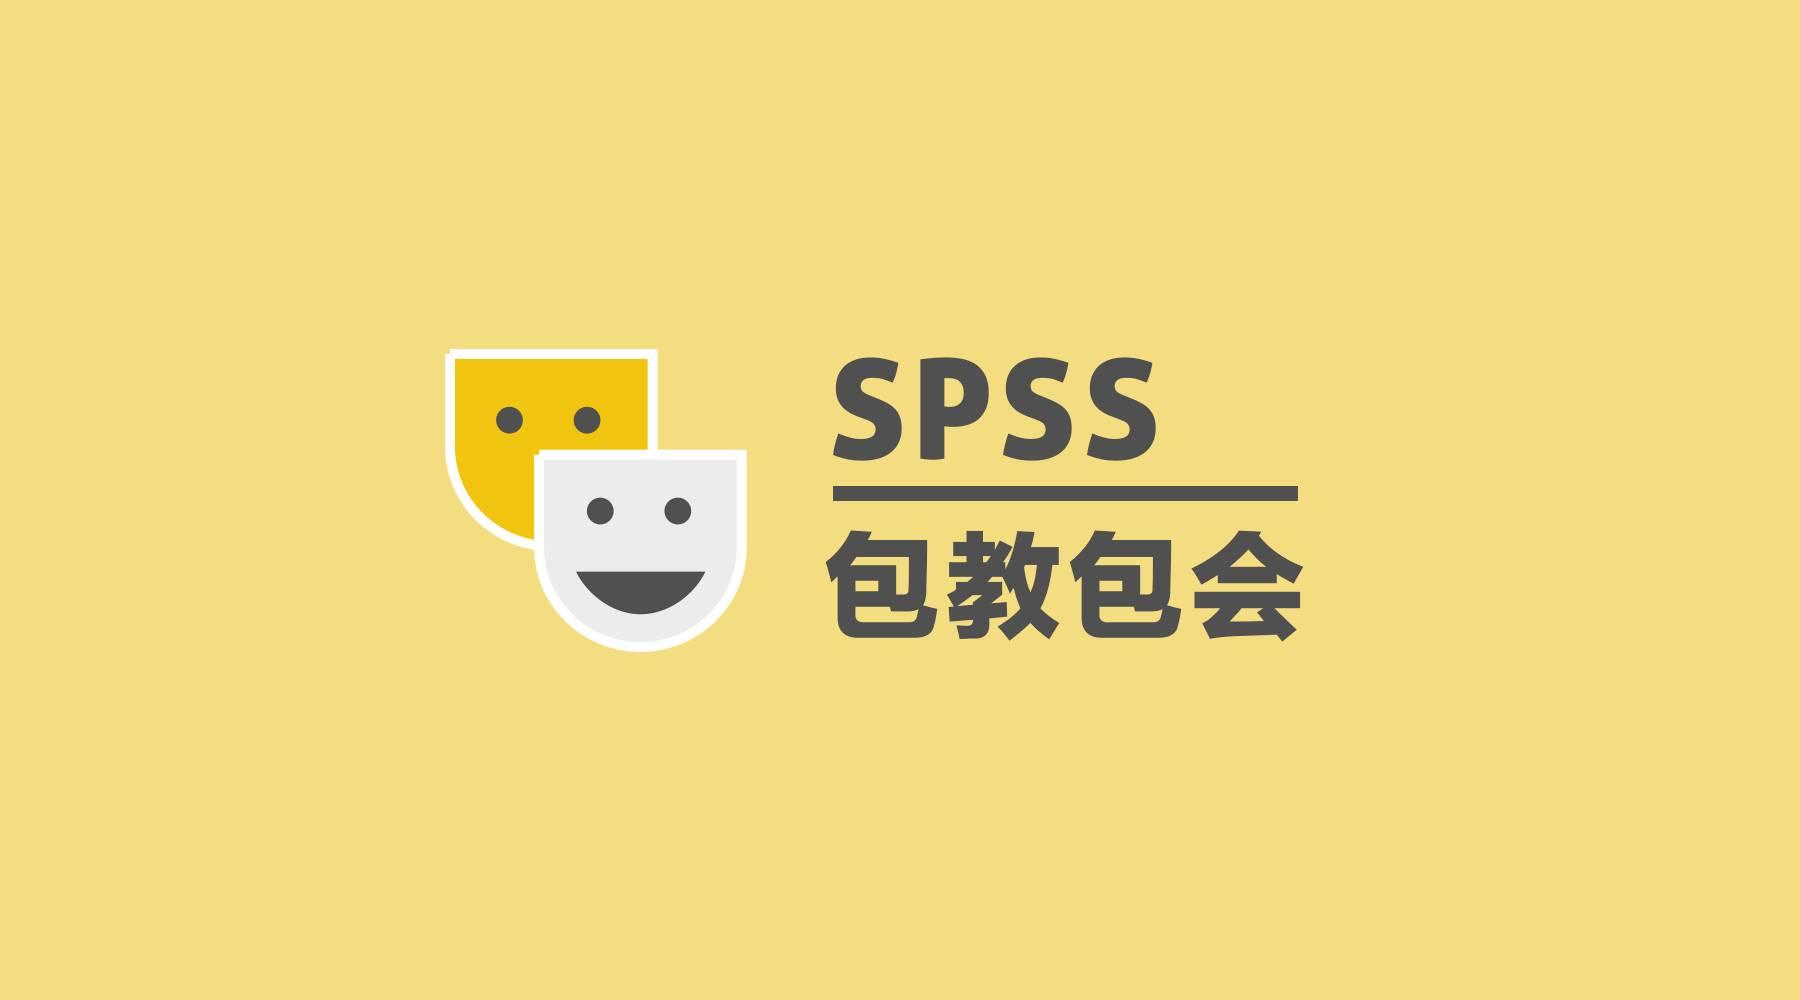 百分条图/堆积条图-SPSS教程